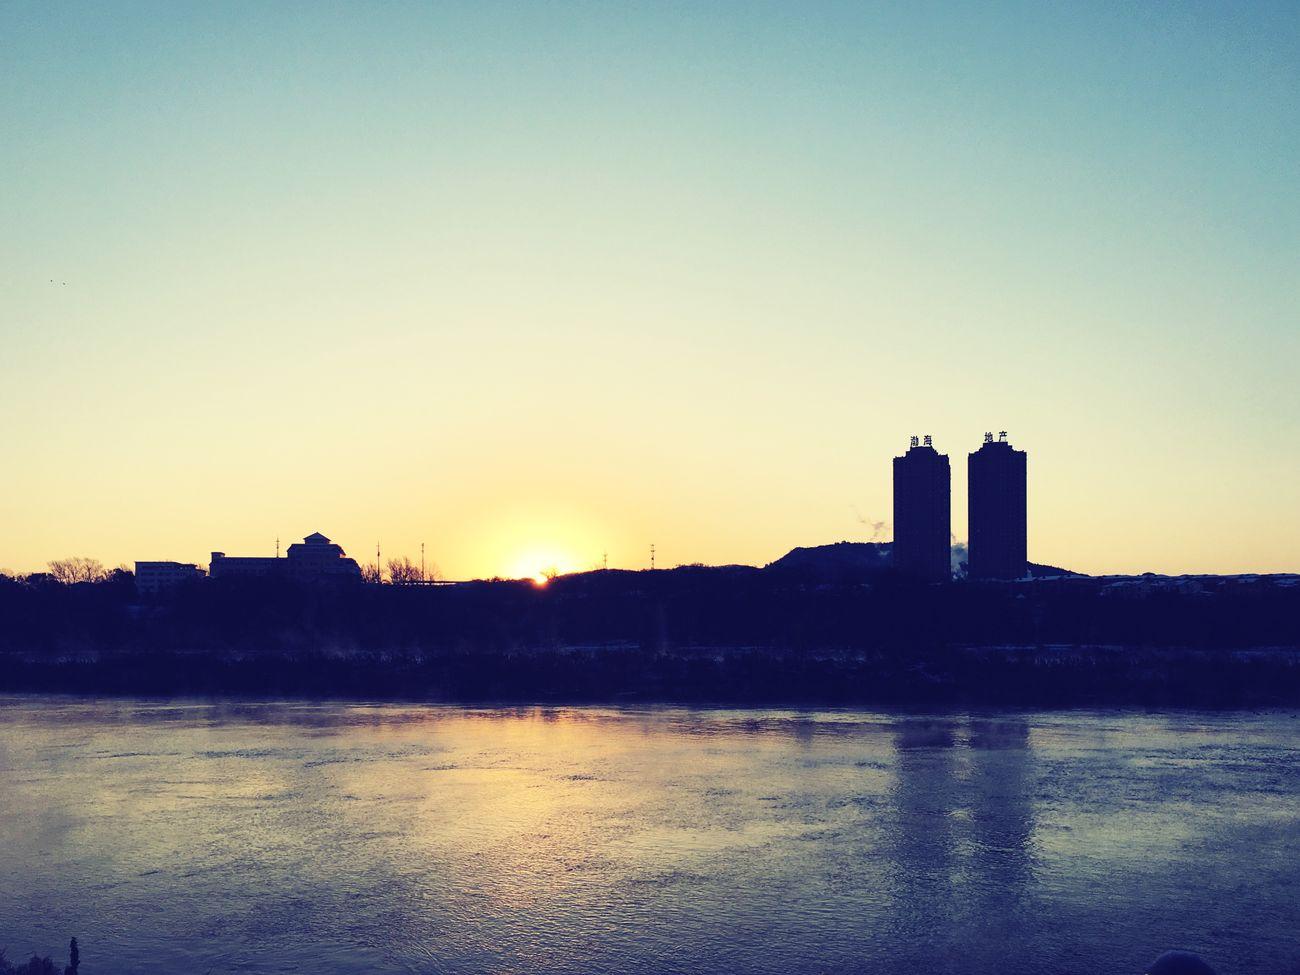 松花江畔,雪后初晴,日出东方。 Sunset Riverside River City